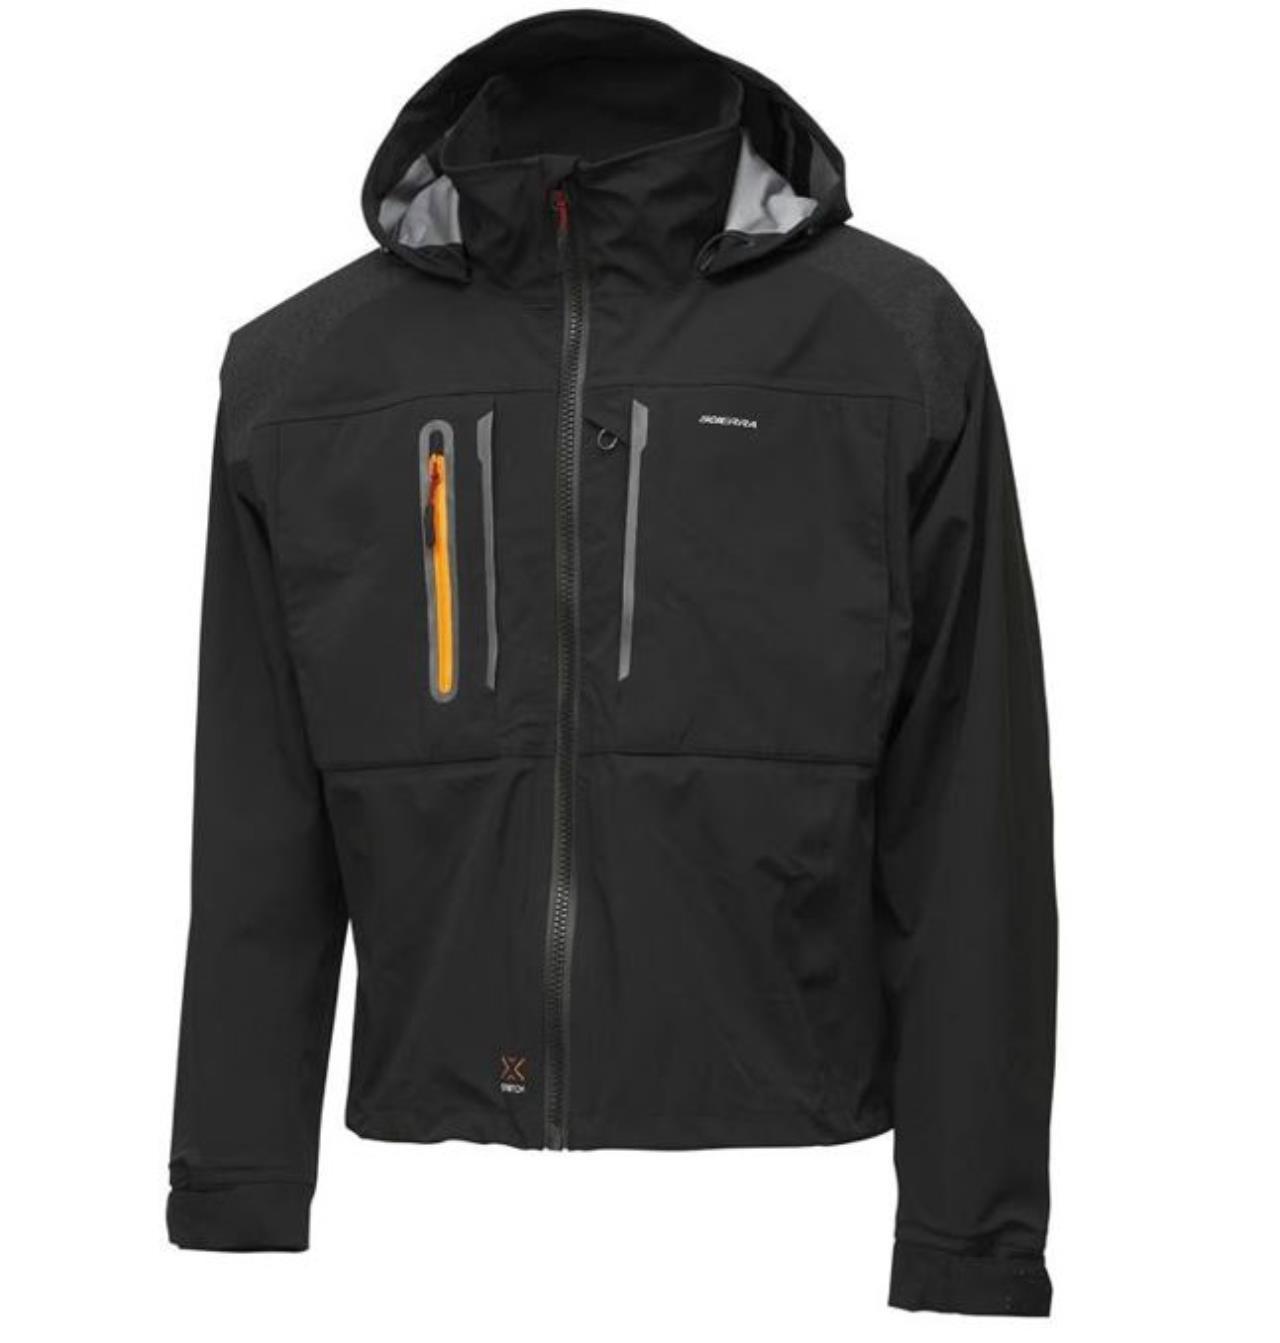 SIE X-Stretch Wading Jacket